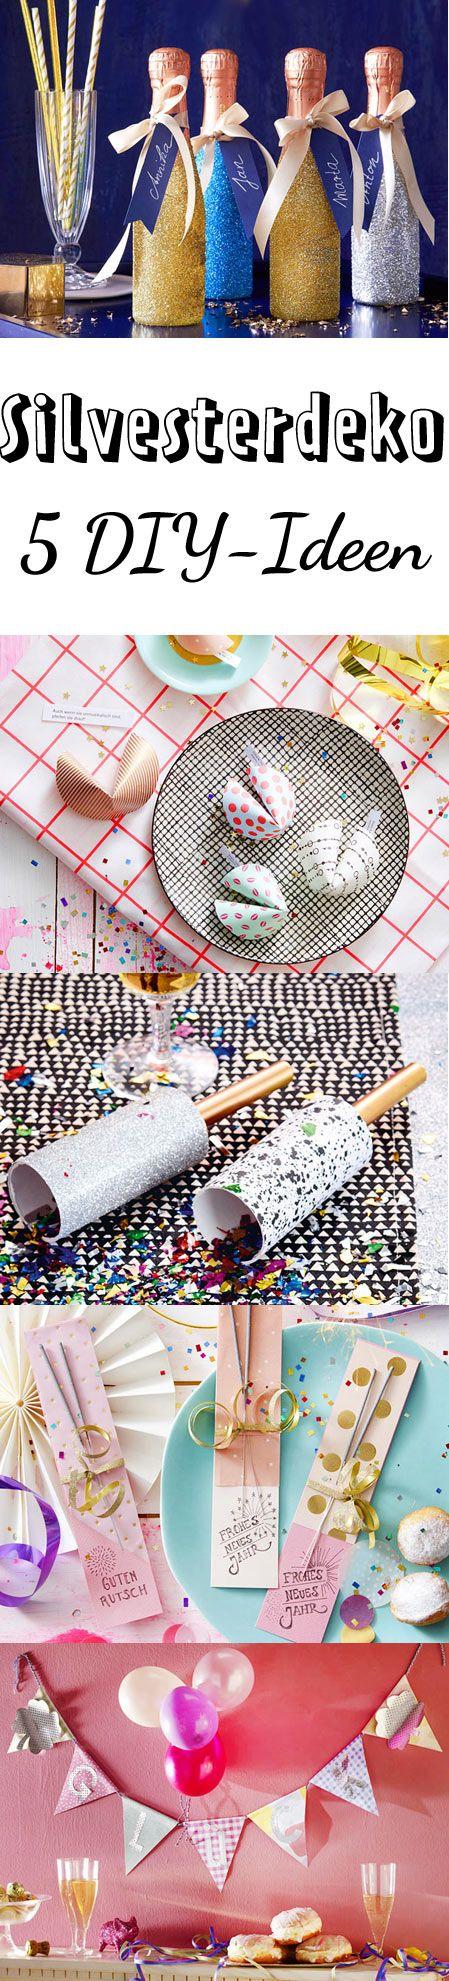 Glitzer, Konfetti und selbst gemachte Glückskekse sorgen für allerbeste Stimmung auf der Silvesterparty.